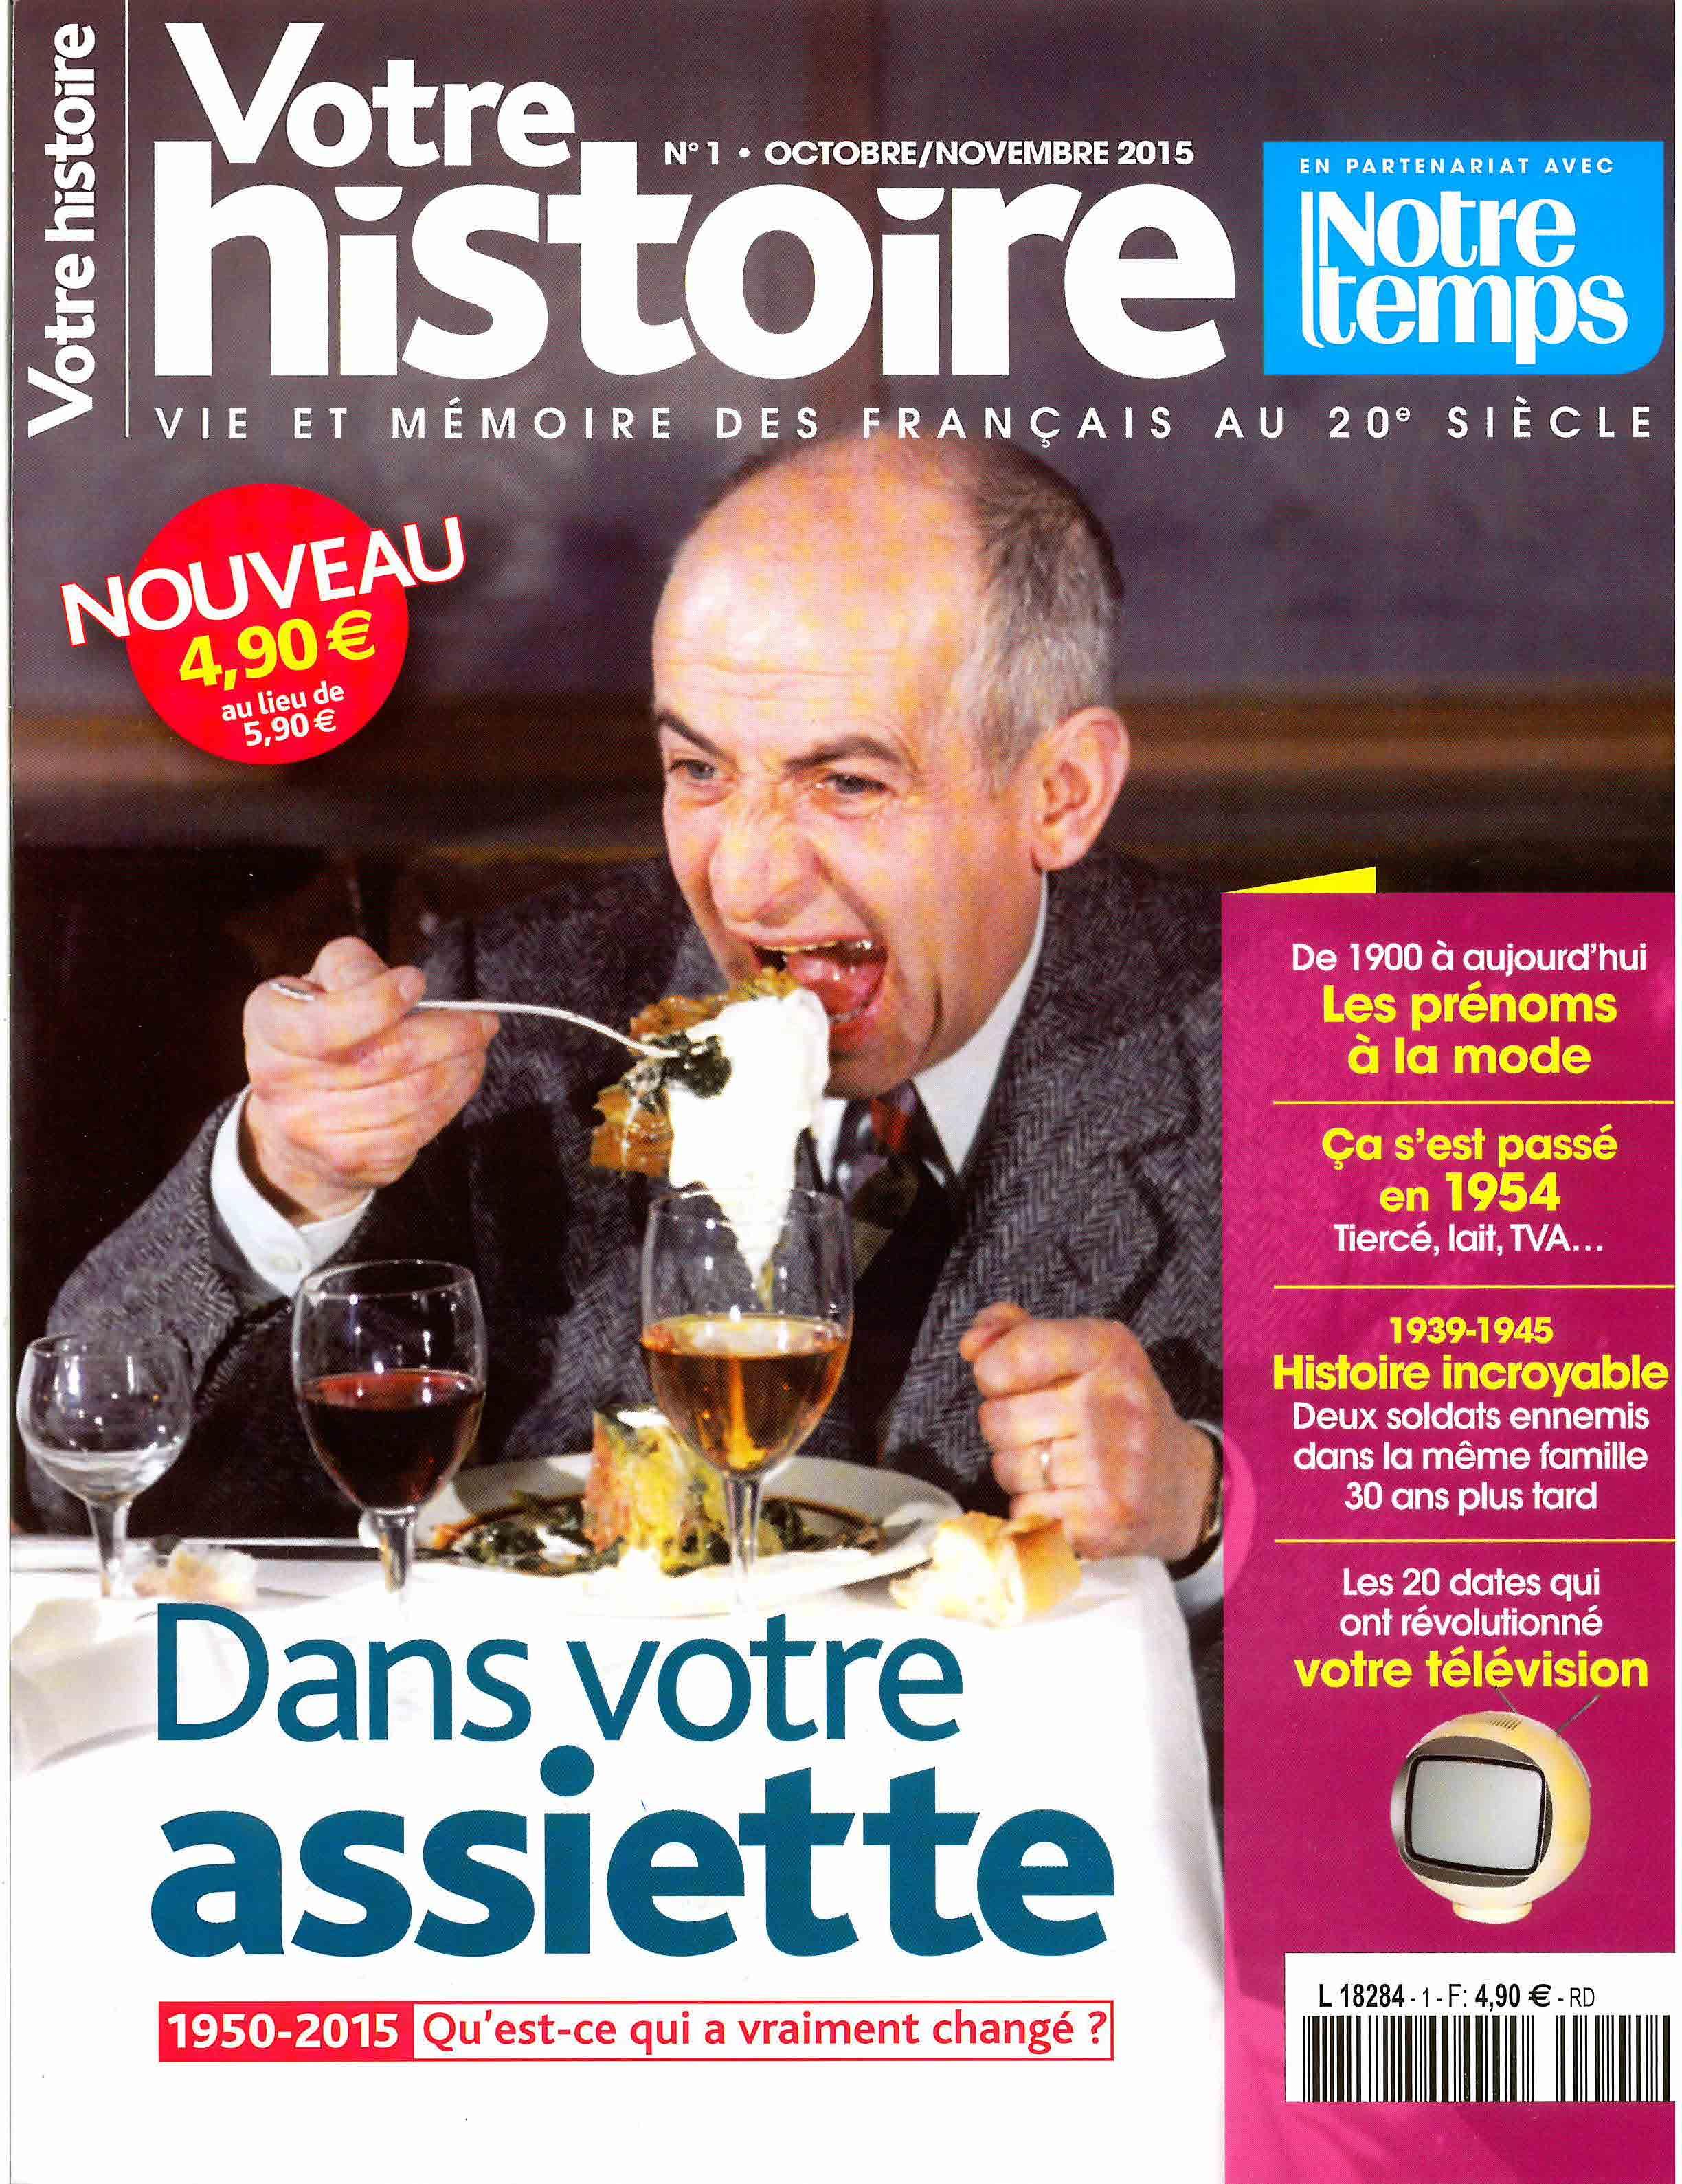 votre_histoire_09-2015_page_1.jpg